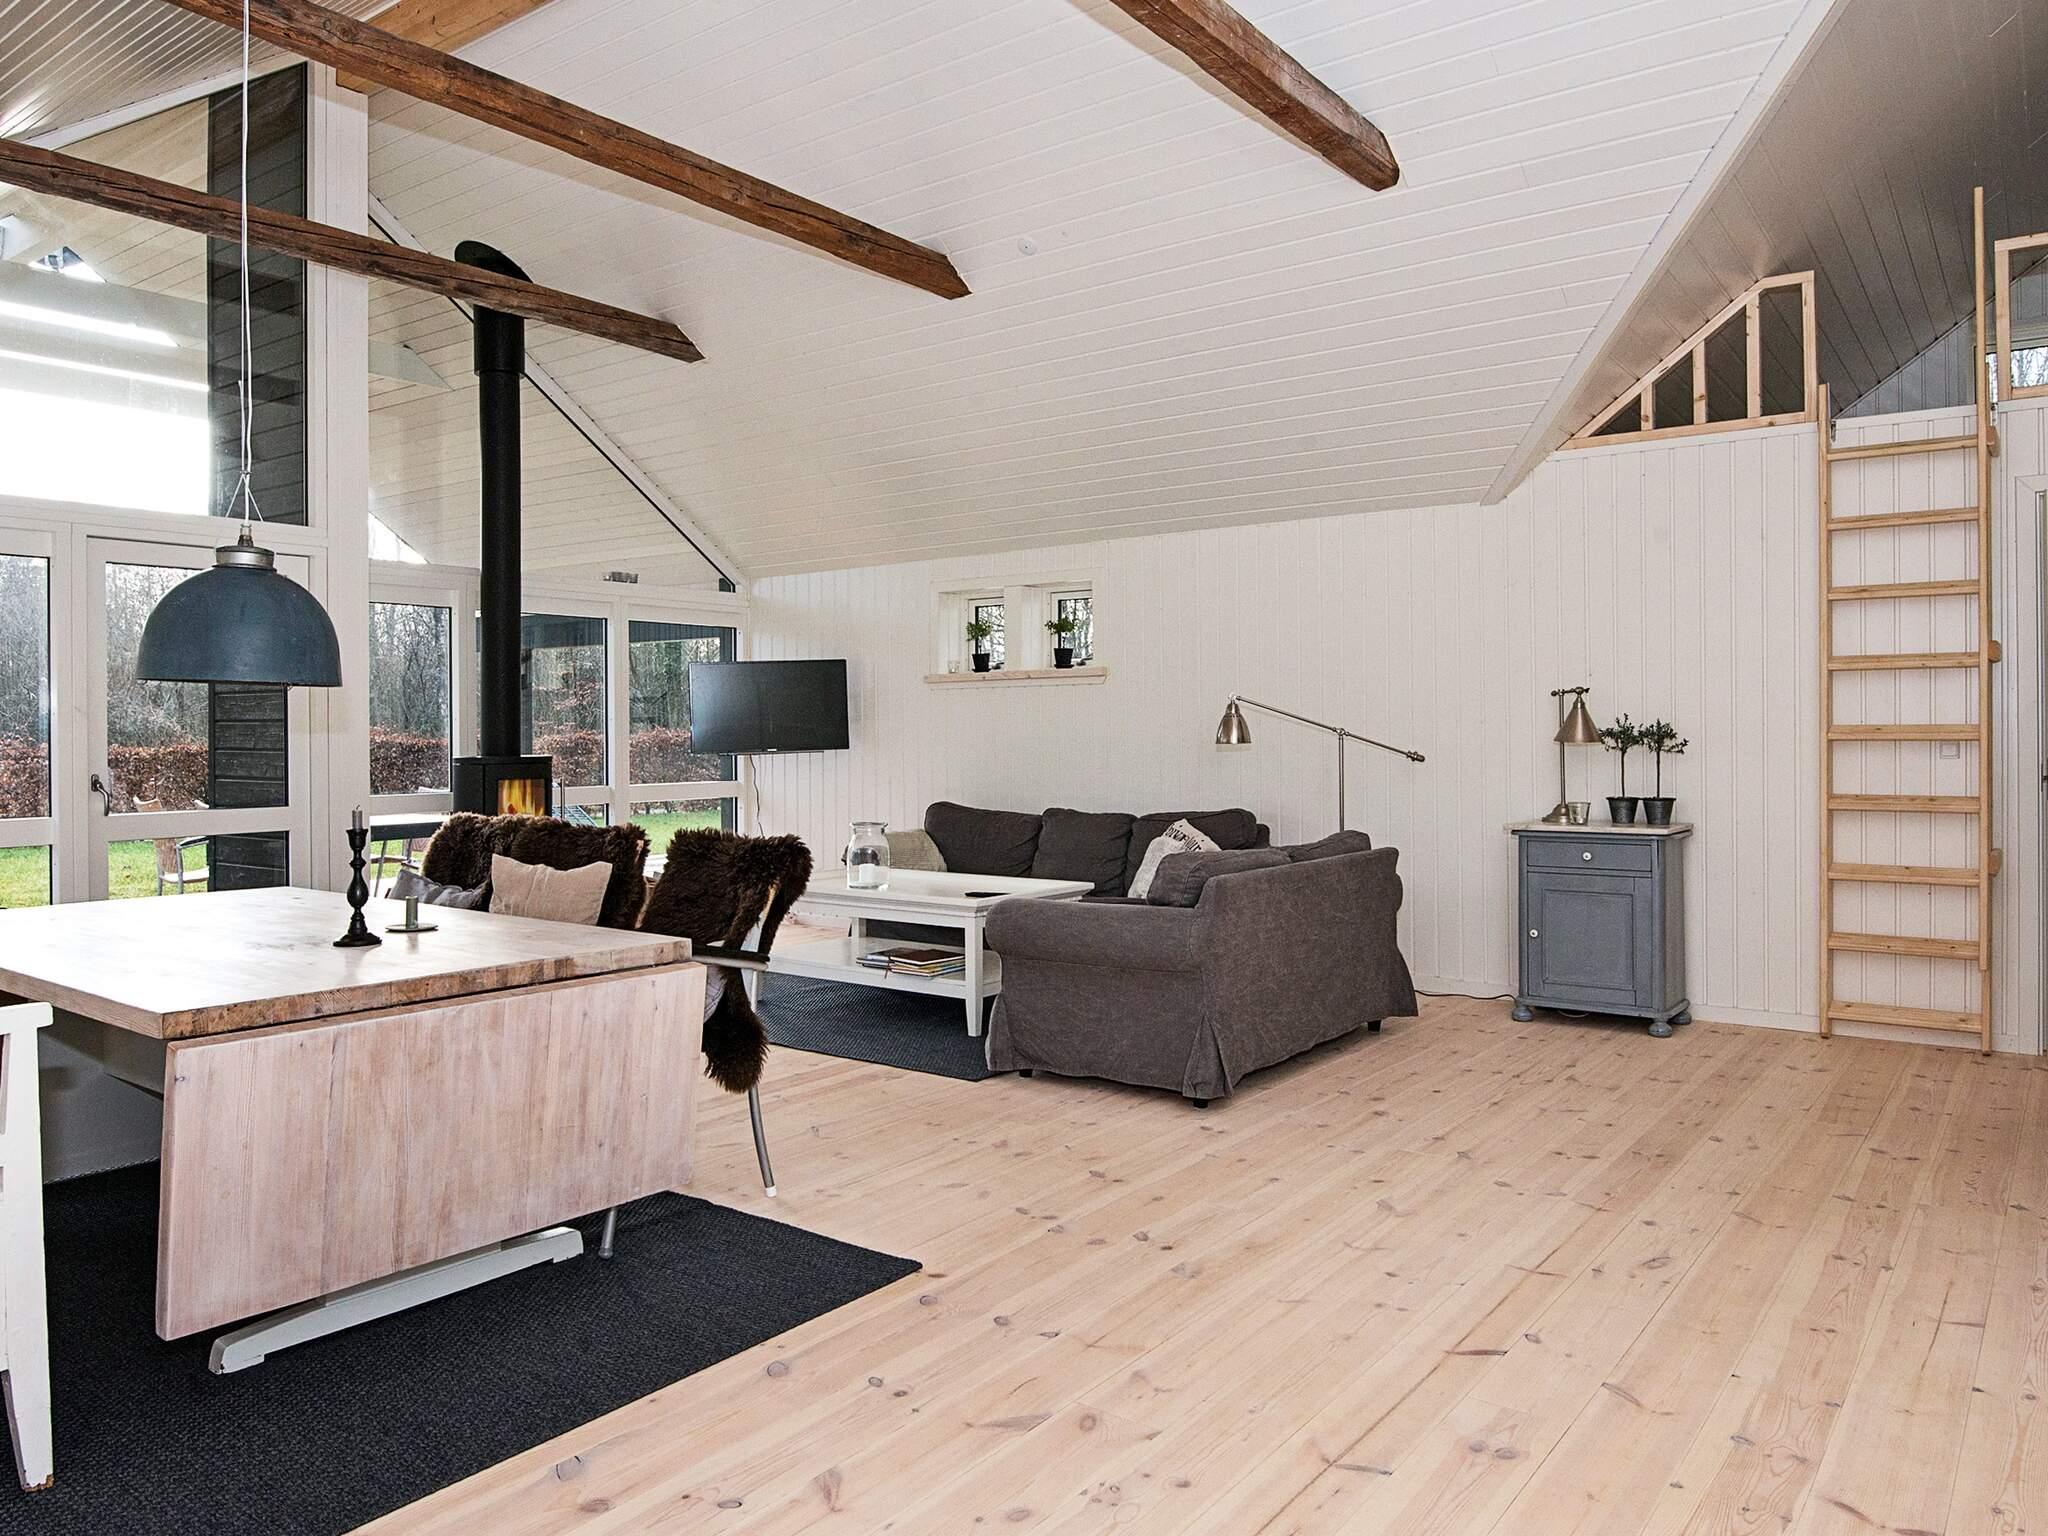 Ferienhaus Silkeborg (2523581), Silkeborg, , Ostjütland, Dänemark, Bild 7